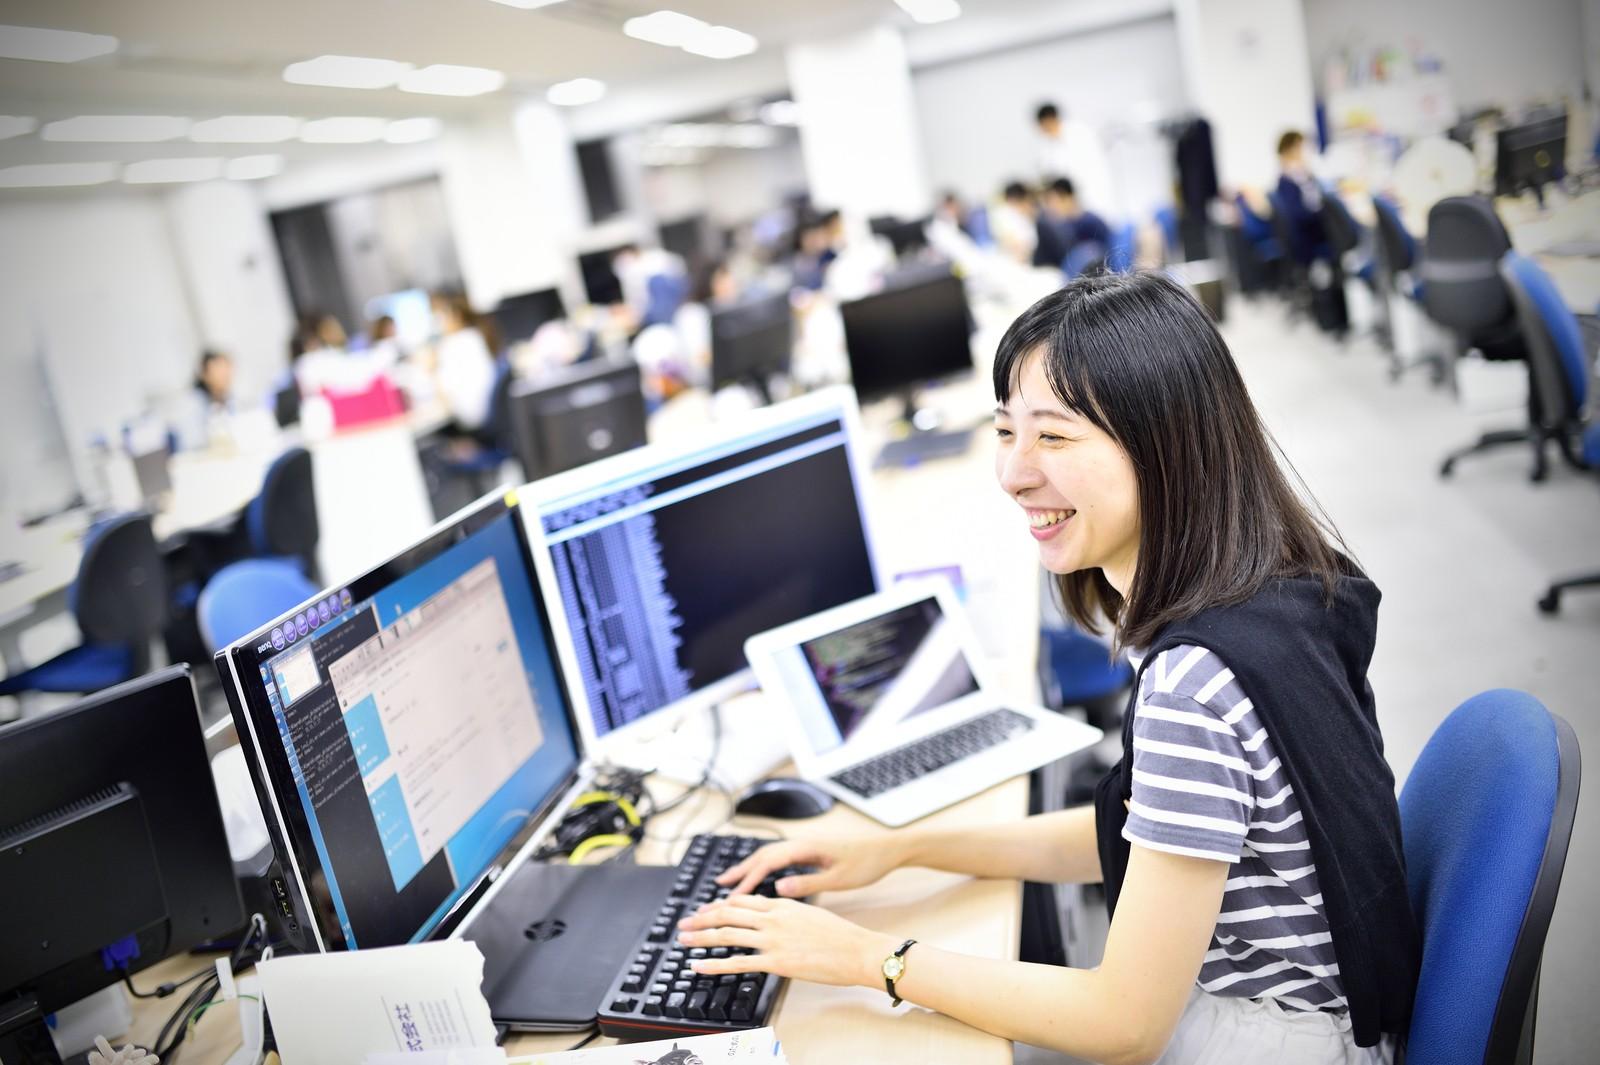 エン・ジャパン株式会社・エン・ジャパンの転職サービス・Webメディアを担当するPHPエンジニアを募集!